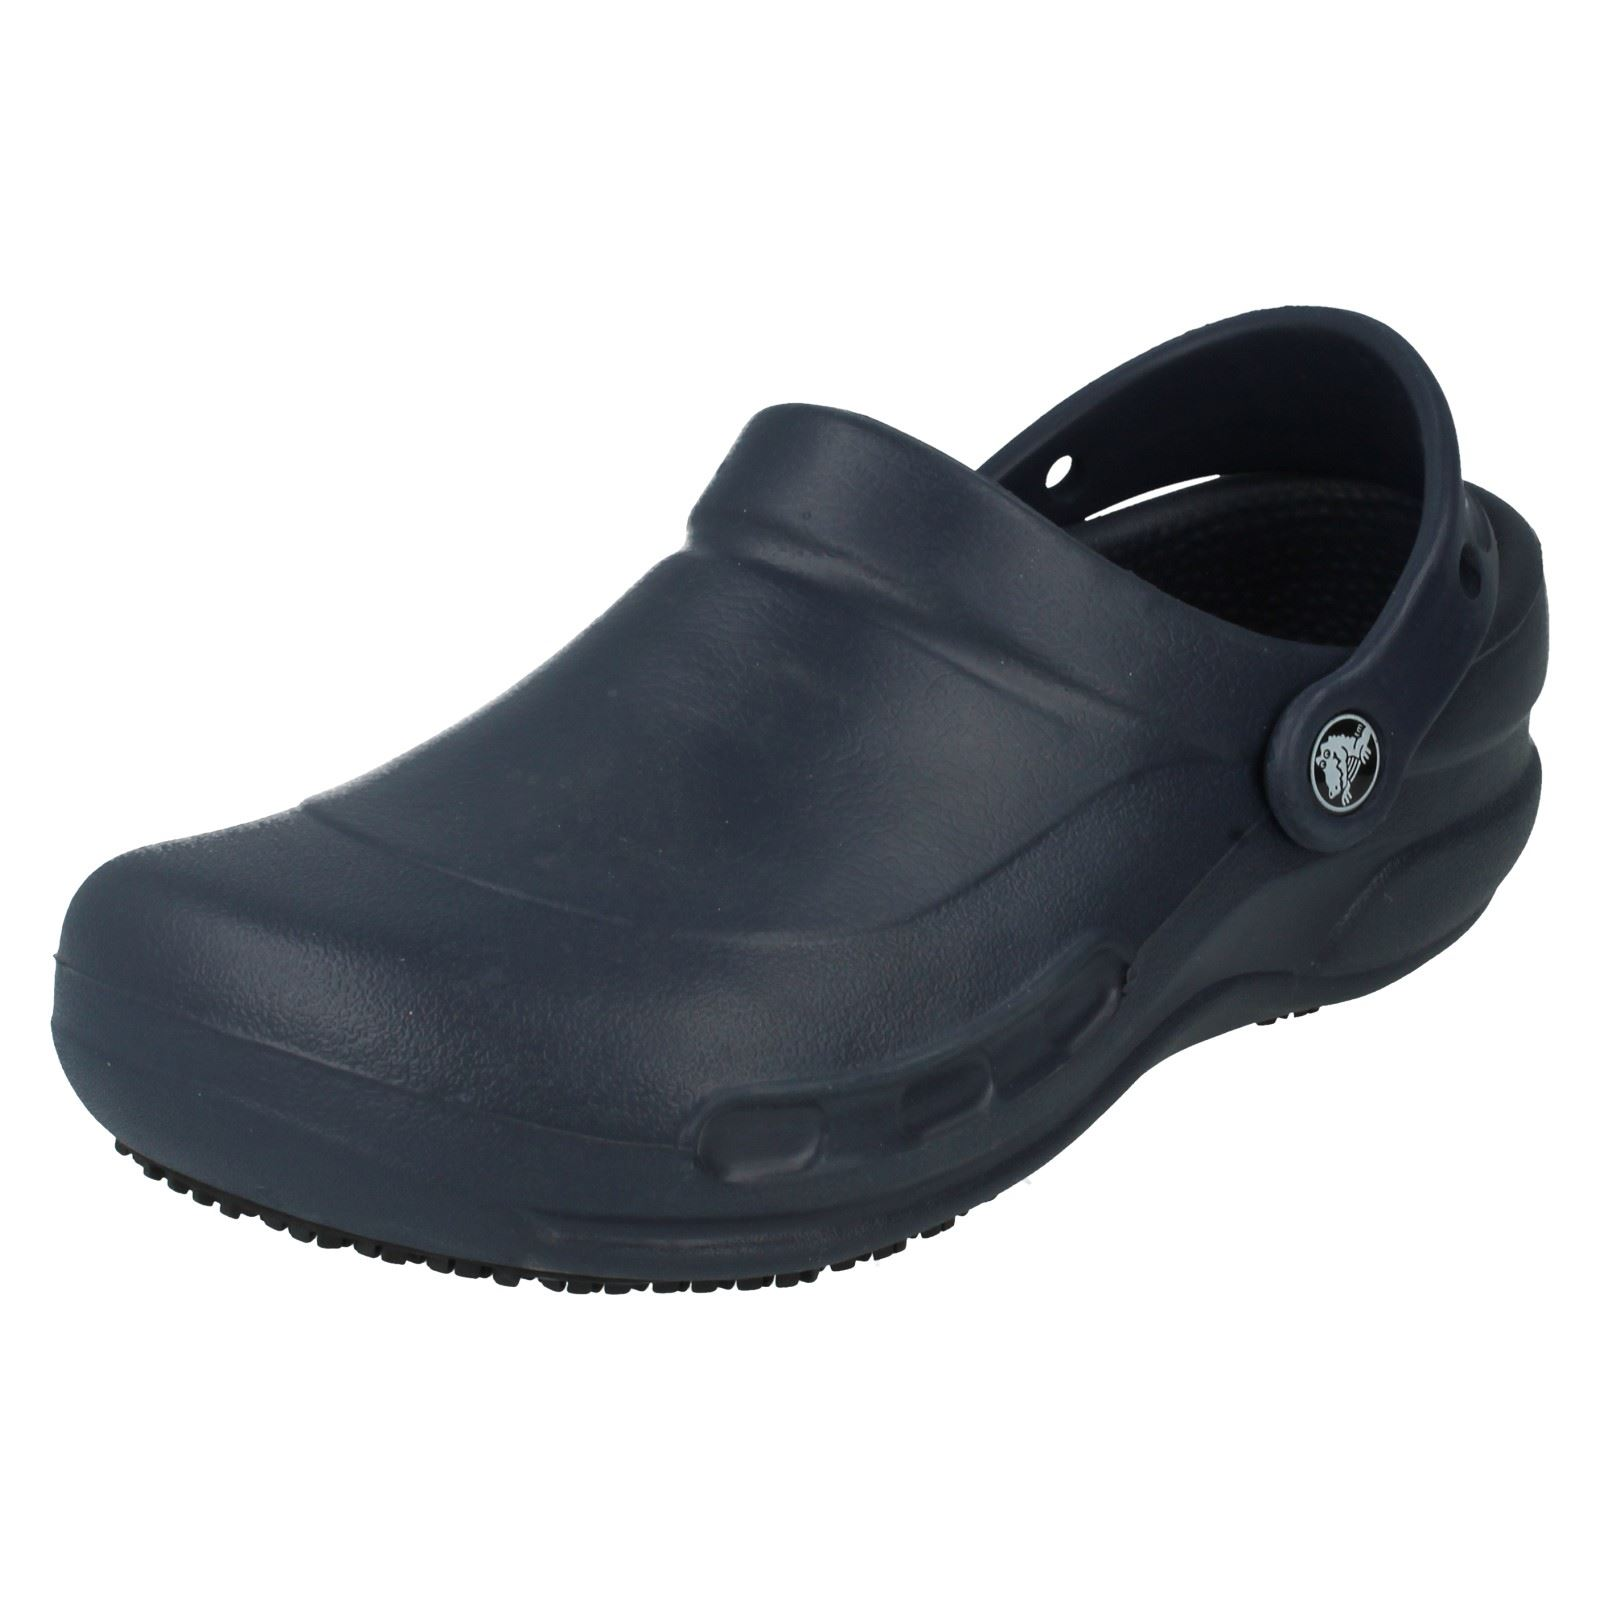 Crocs Kitchen Shoes Uk